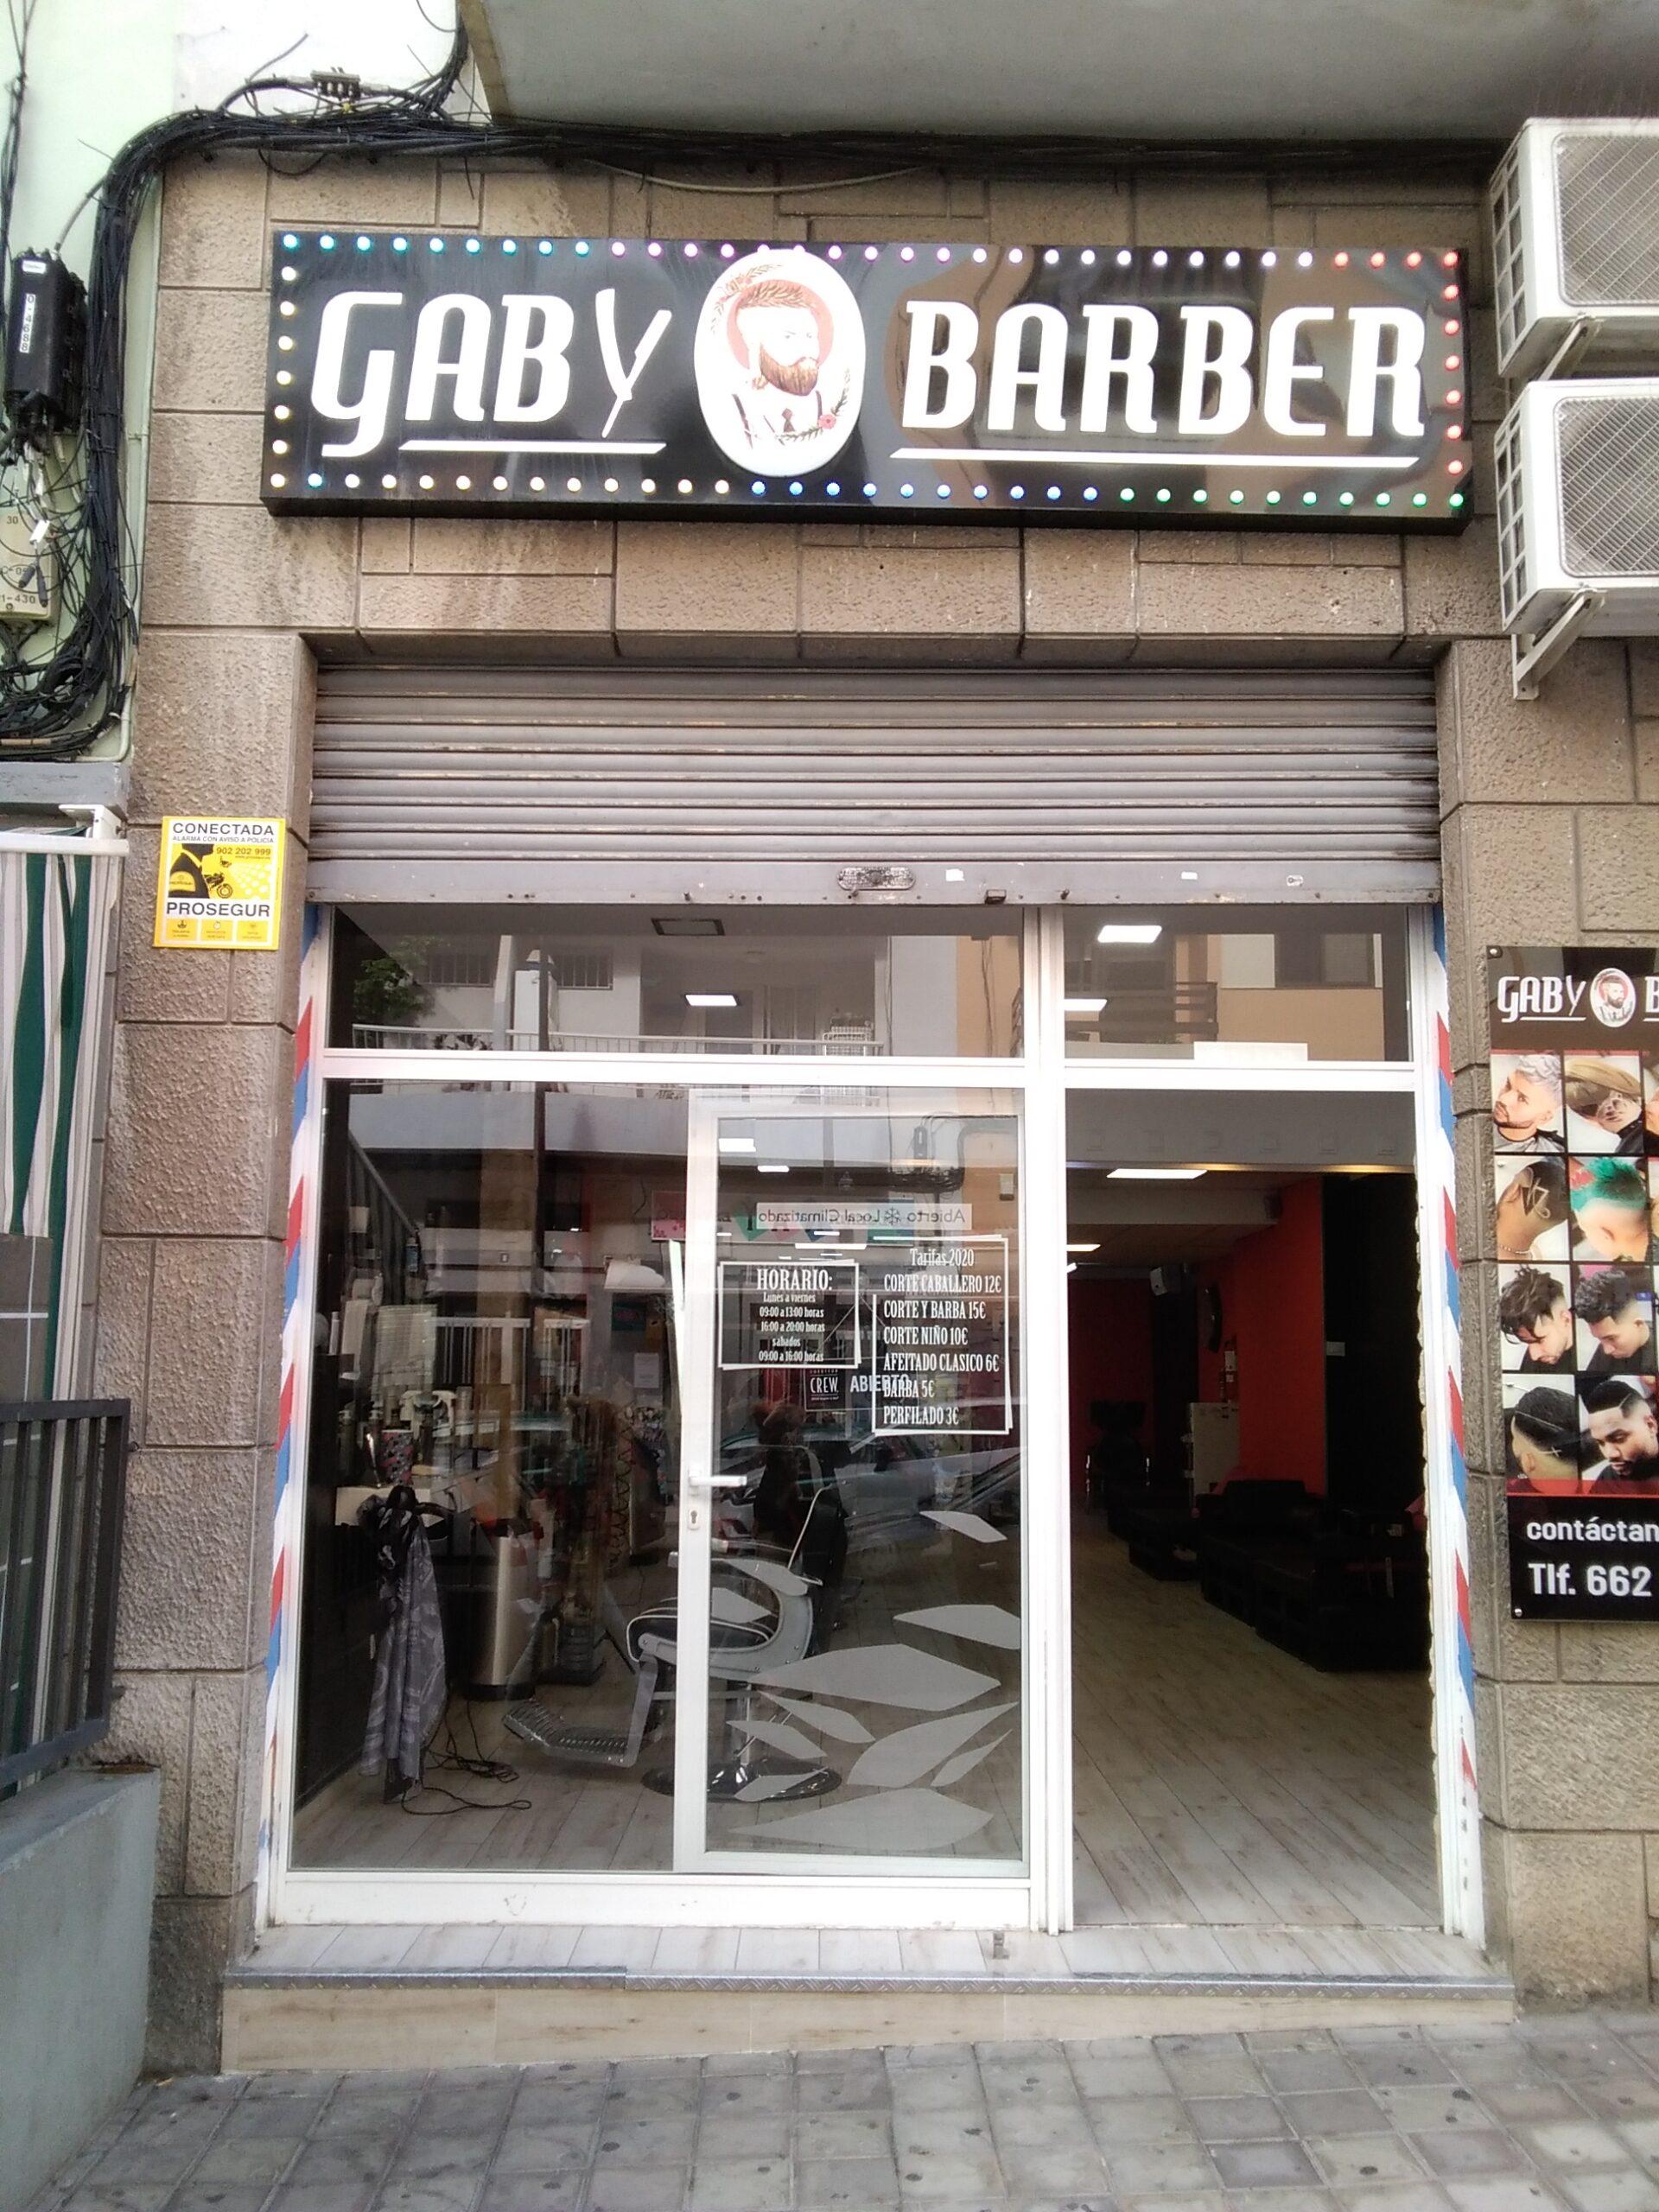 Gaby barbers